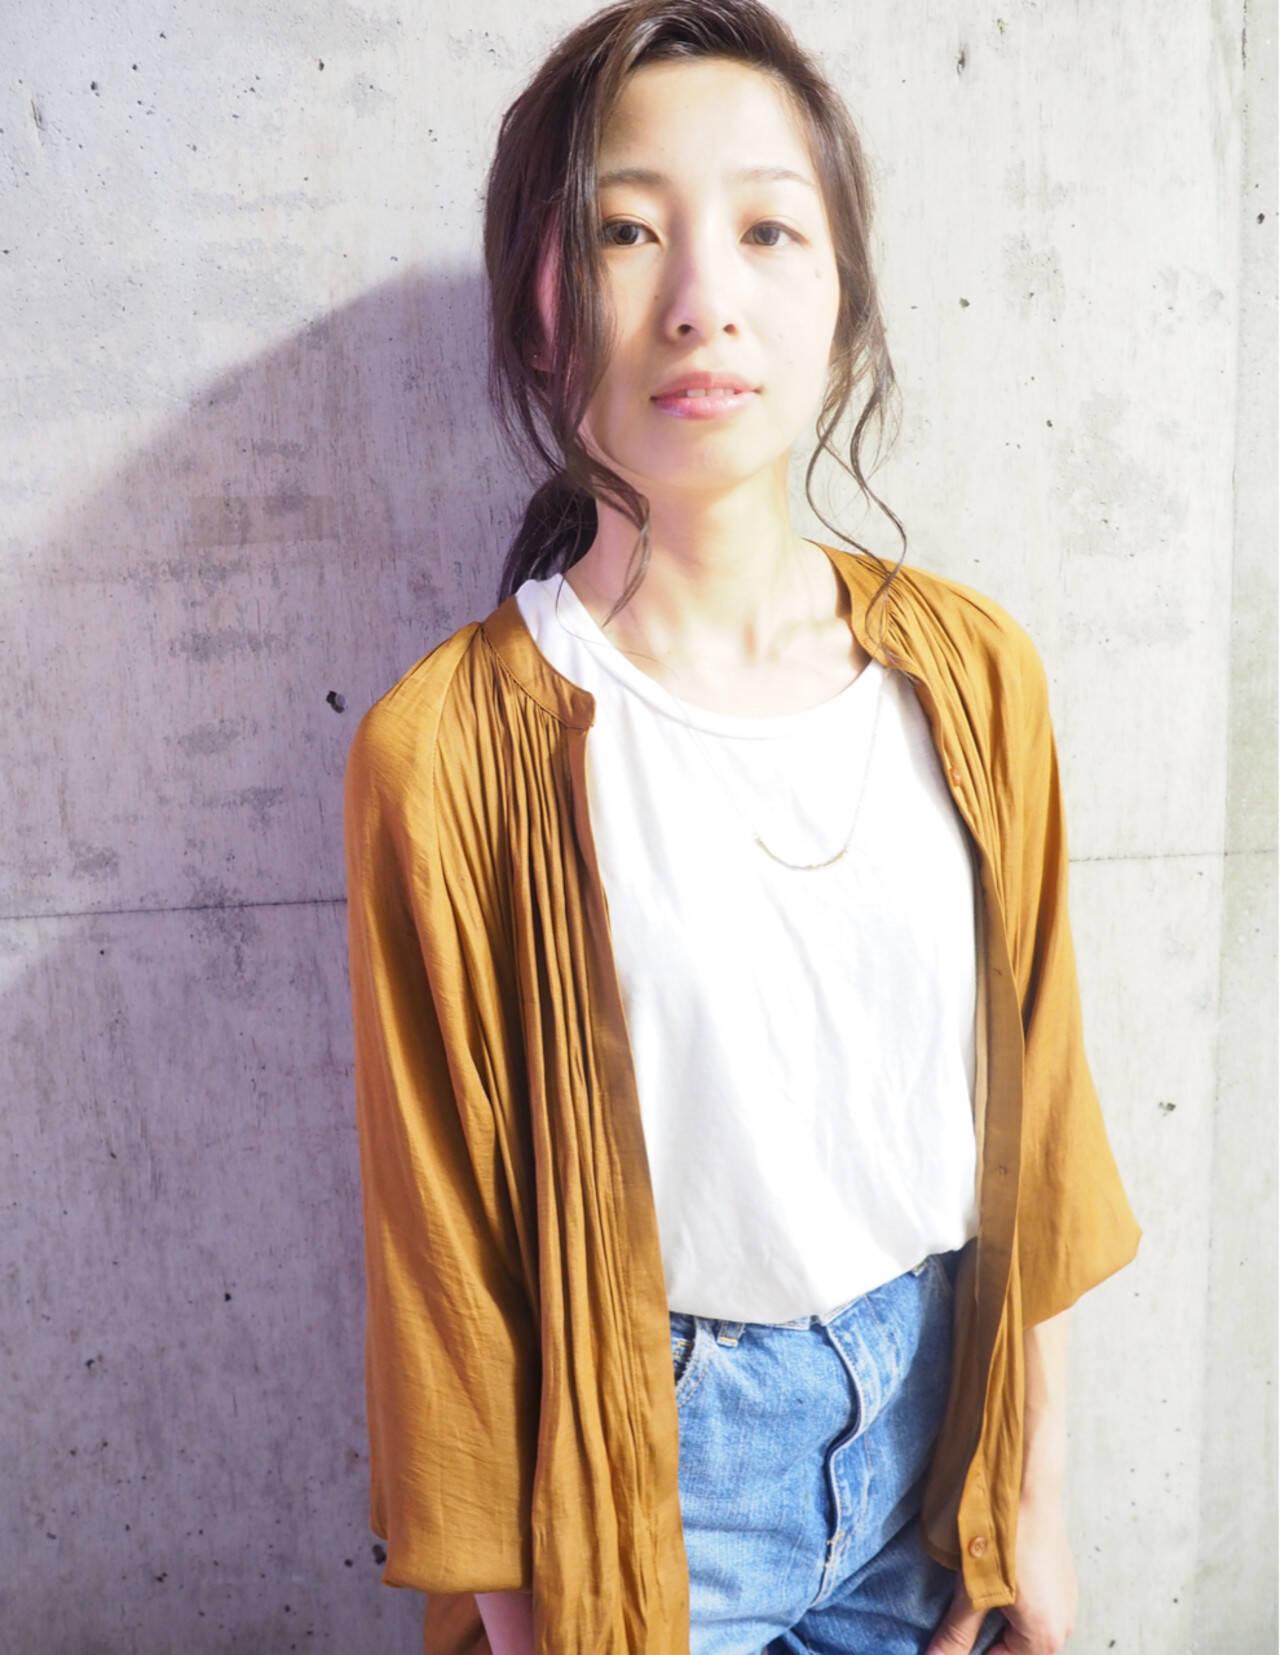 ミディアム 簡単ヘアアレンジ フェミニン ショートヘアスタイルや髪型の写真・画像